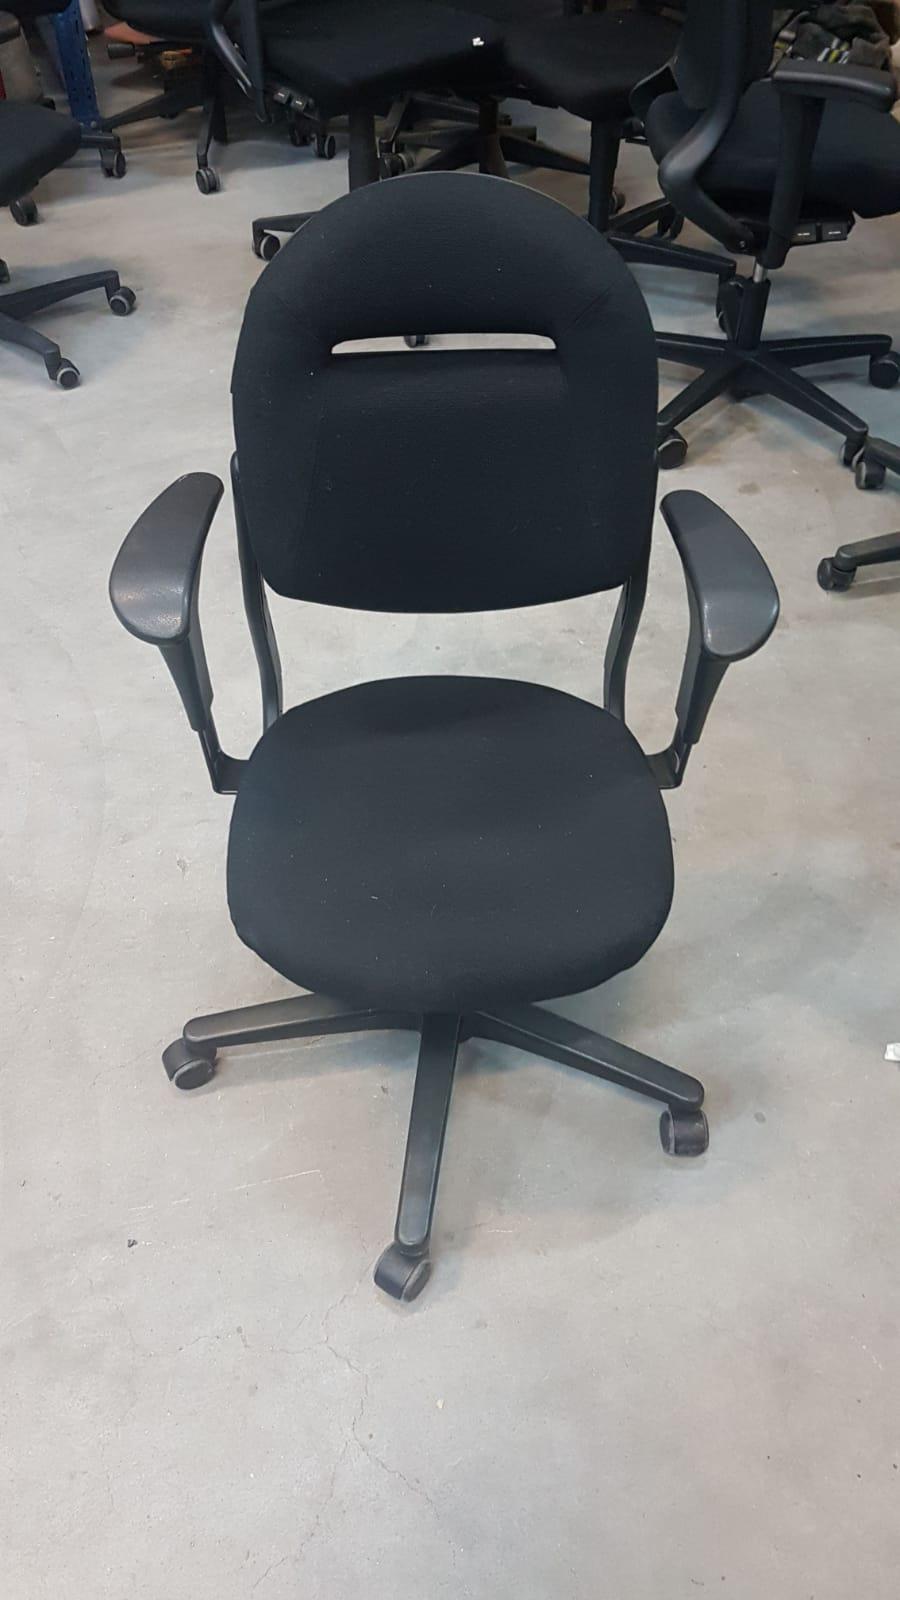 Ahrend 220 Bureaustoel Zwart.Outlet Opruiming Bredewijn Kantoormeubelen